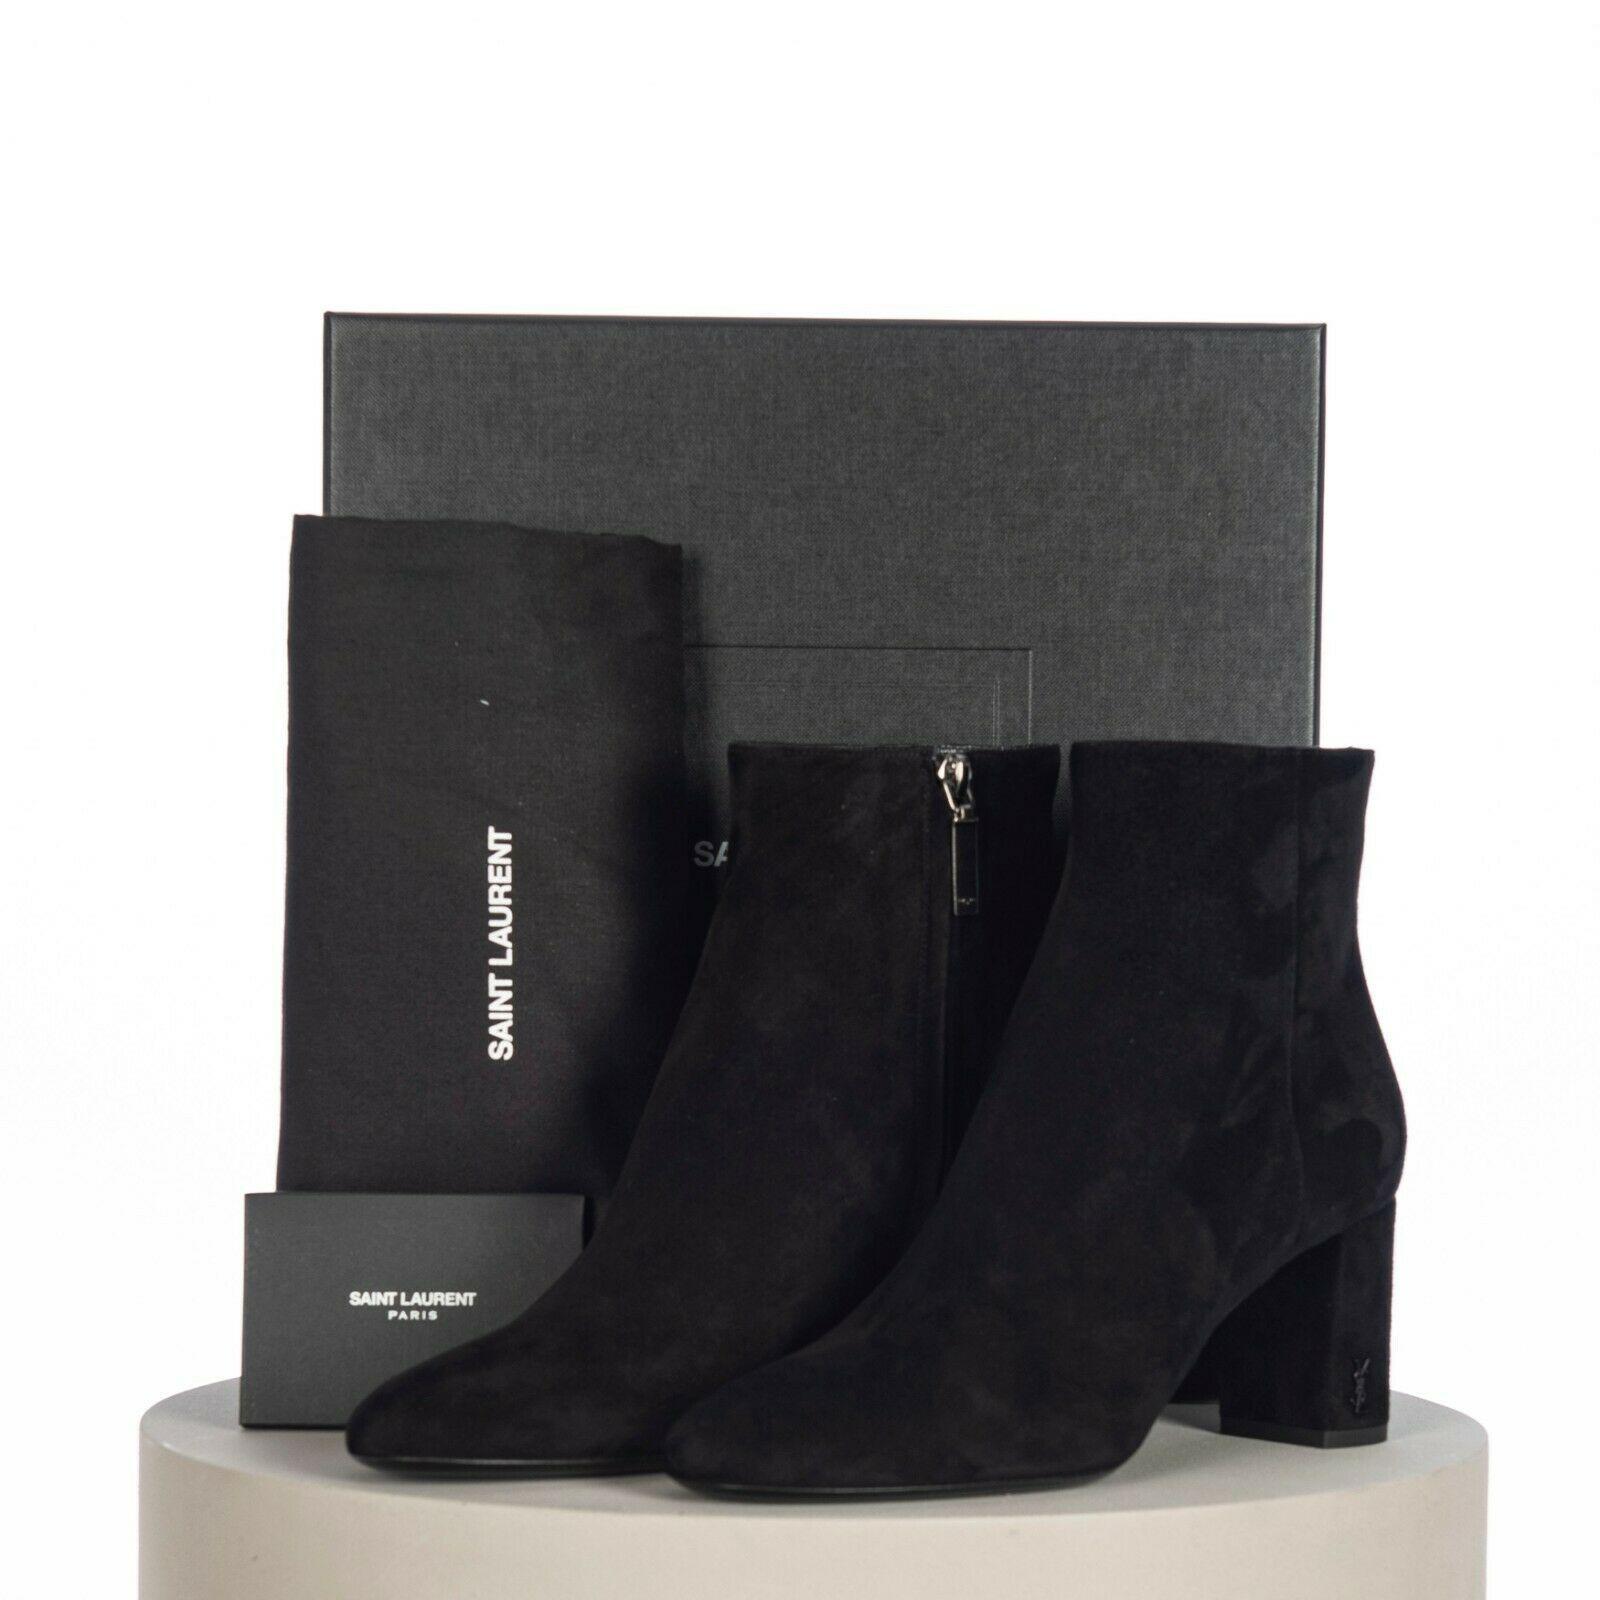 SAINT LAURENT PARIS women Loulou Bootie Black Suede heel high shoes 1